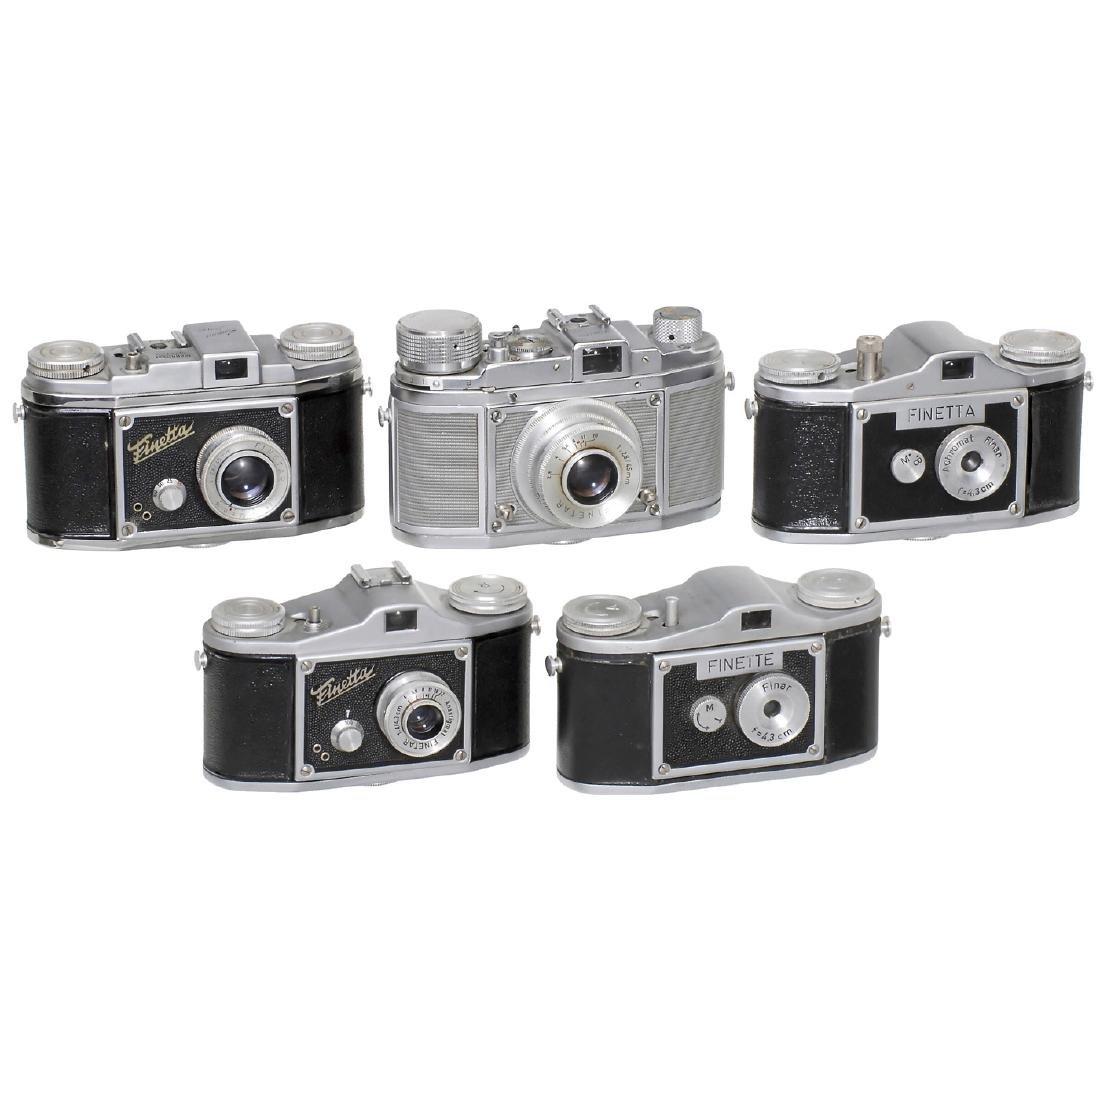 5 Finetta/Finette Cameras